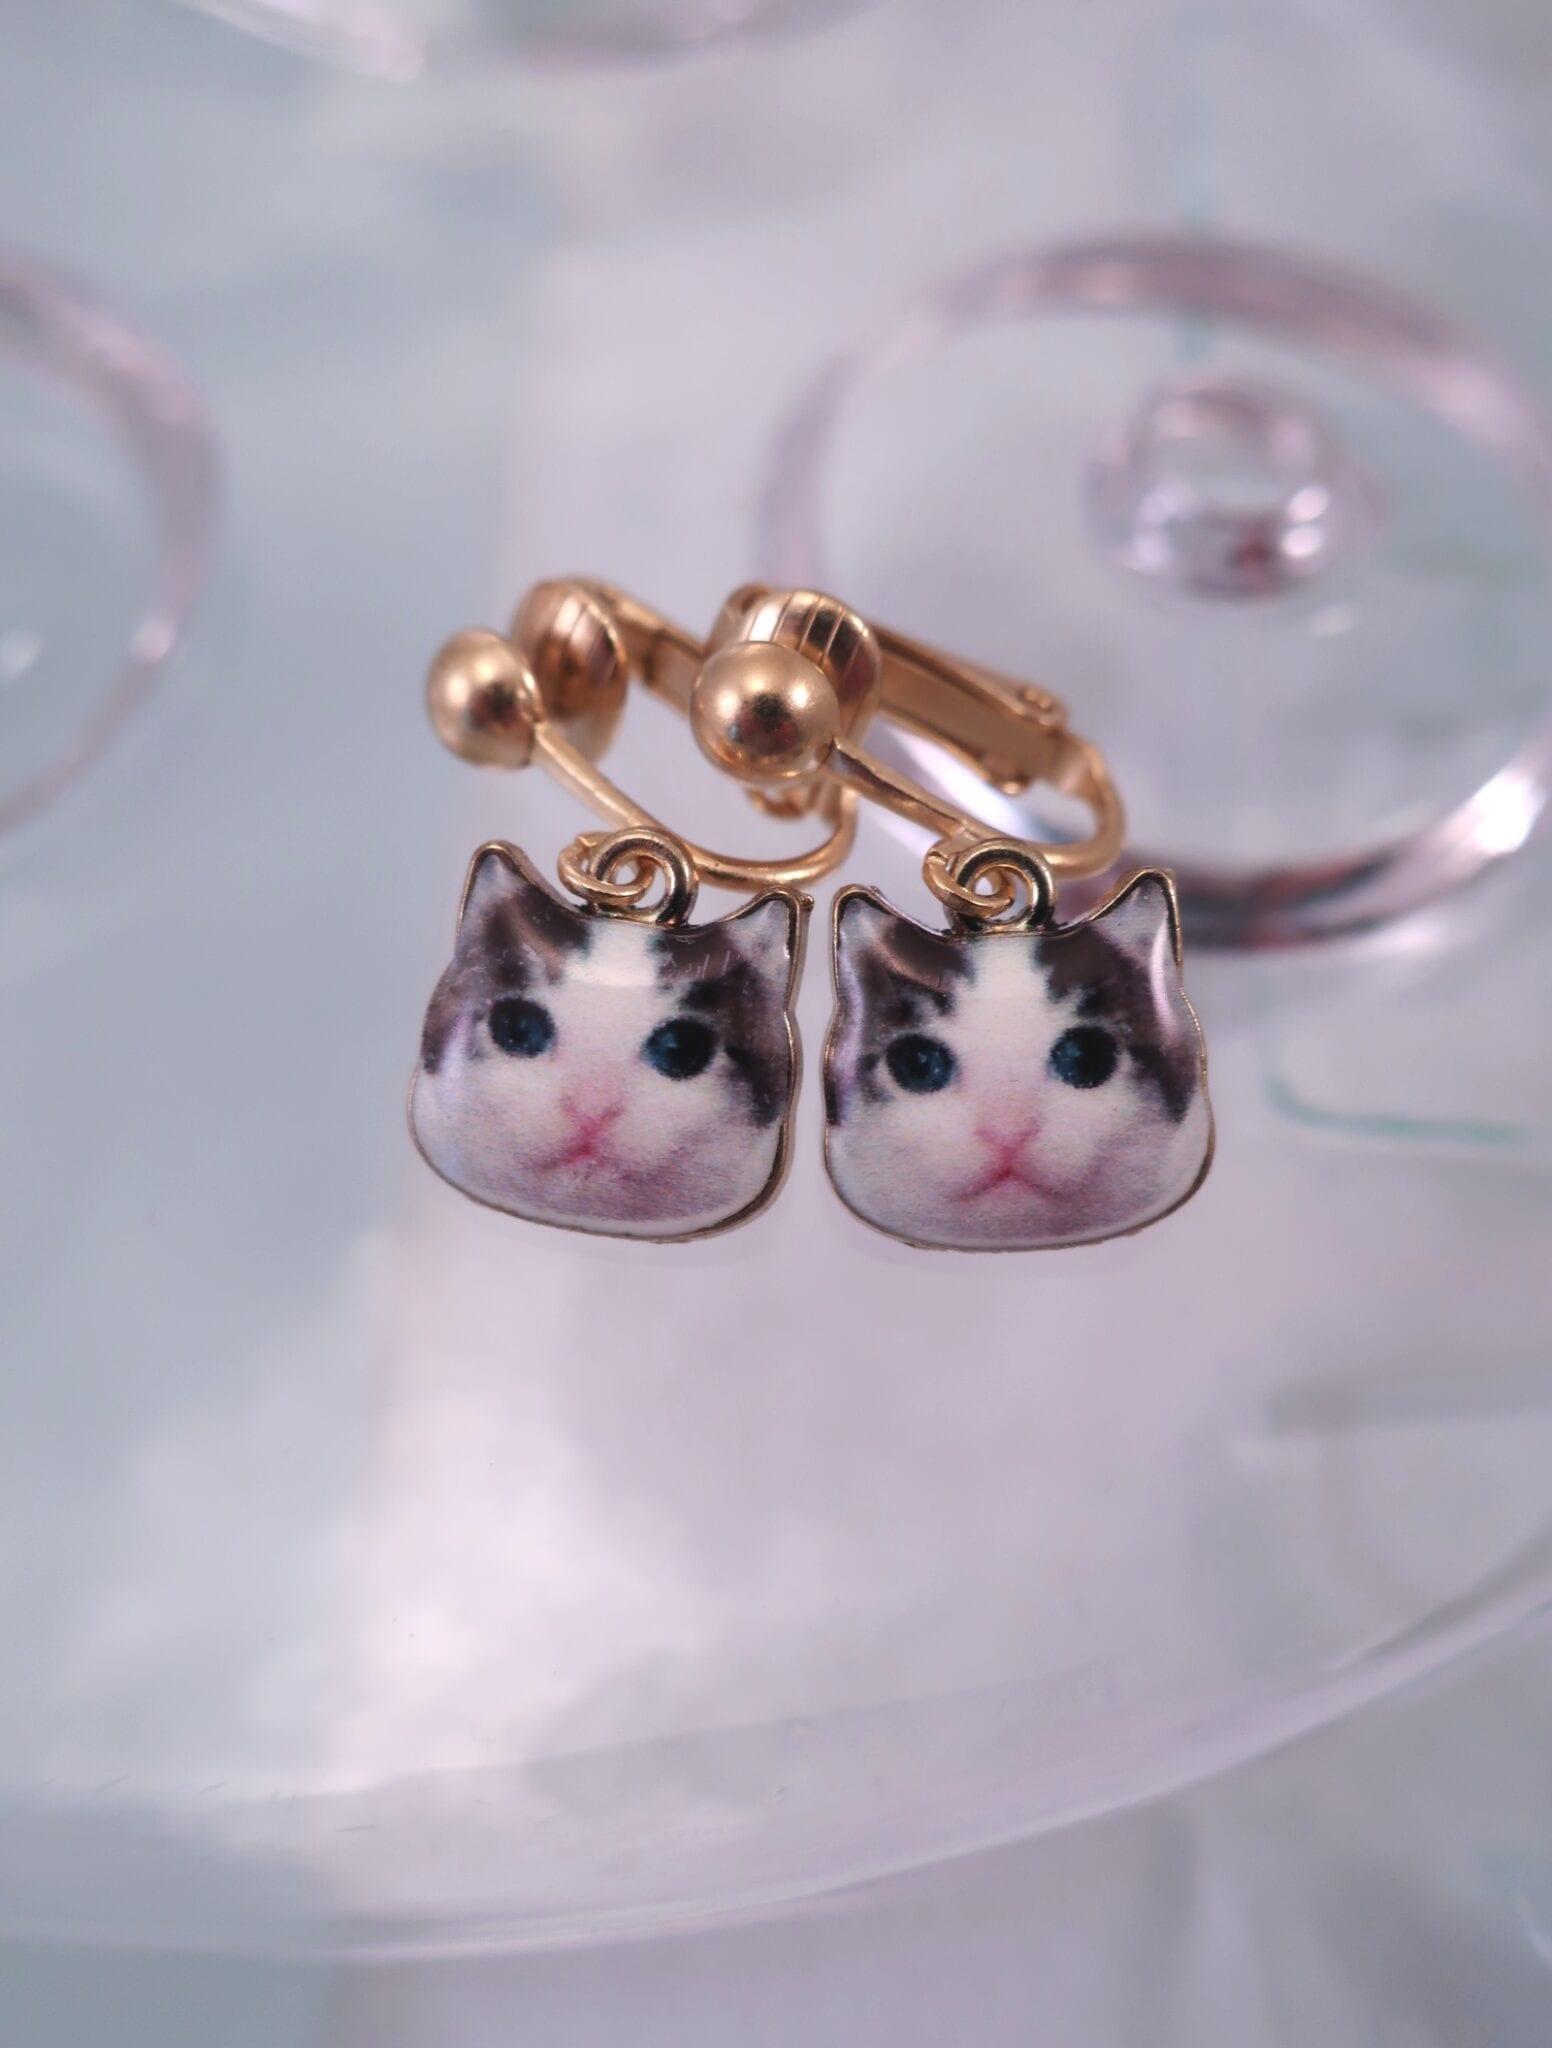 Clips örhängen med katter - Djur/GP